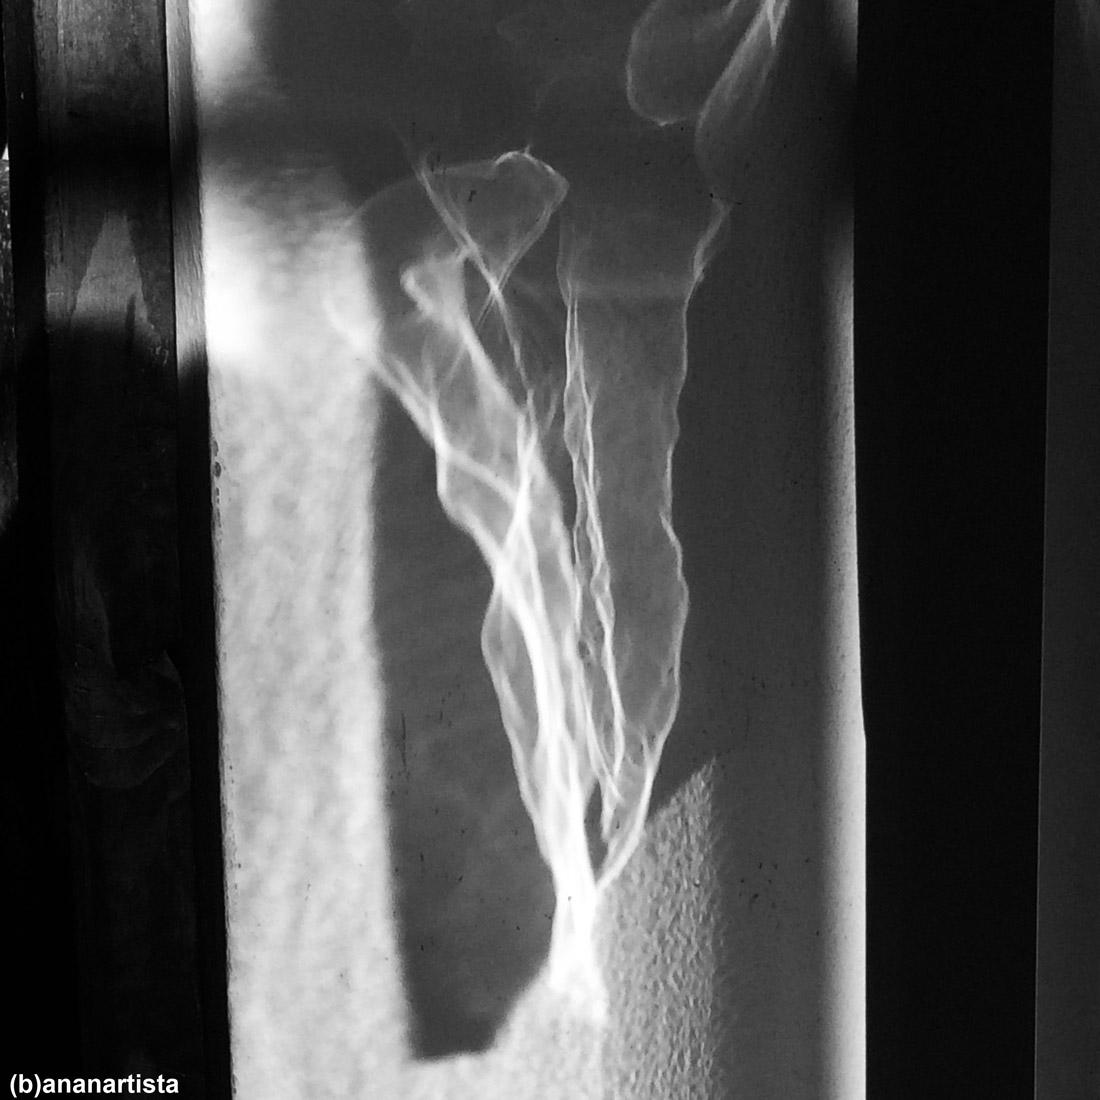 volto sfinge: fotografia di (b)ananartista sbuff